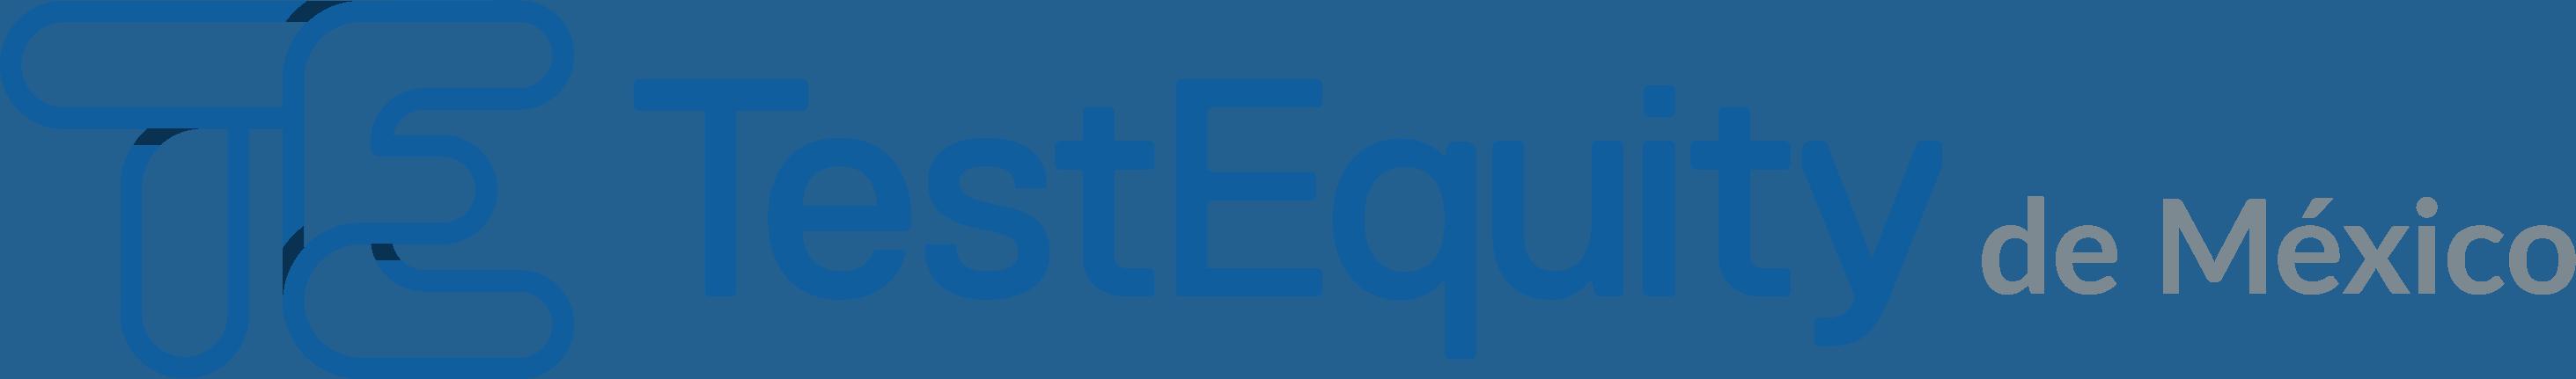 Test Equity de Mexico